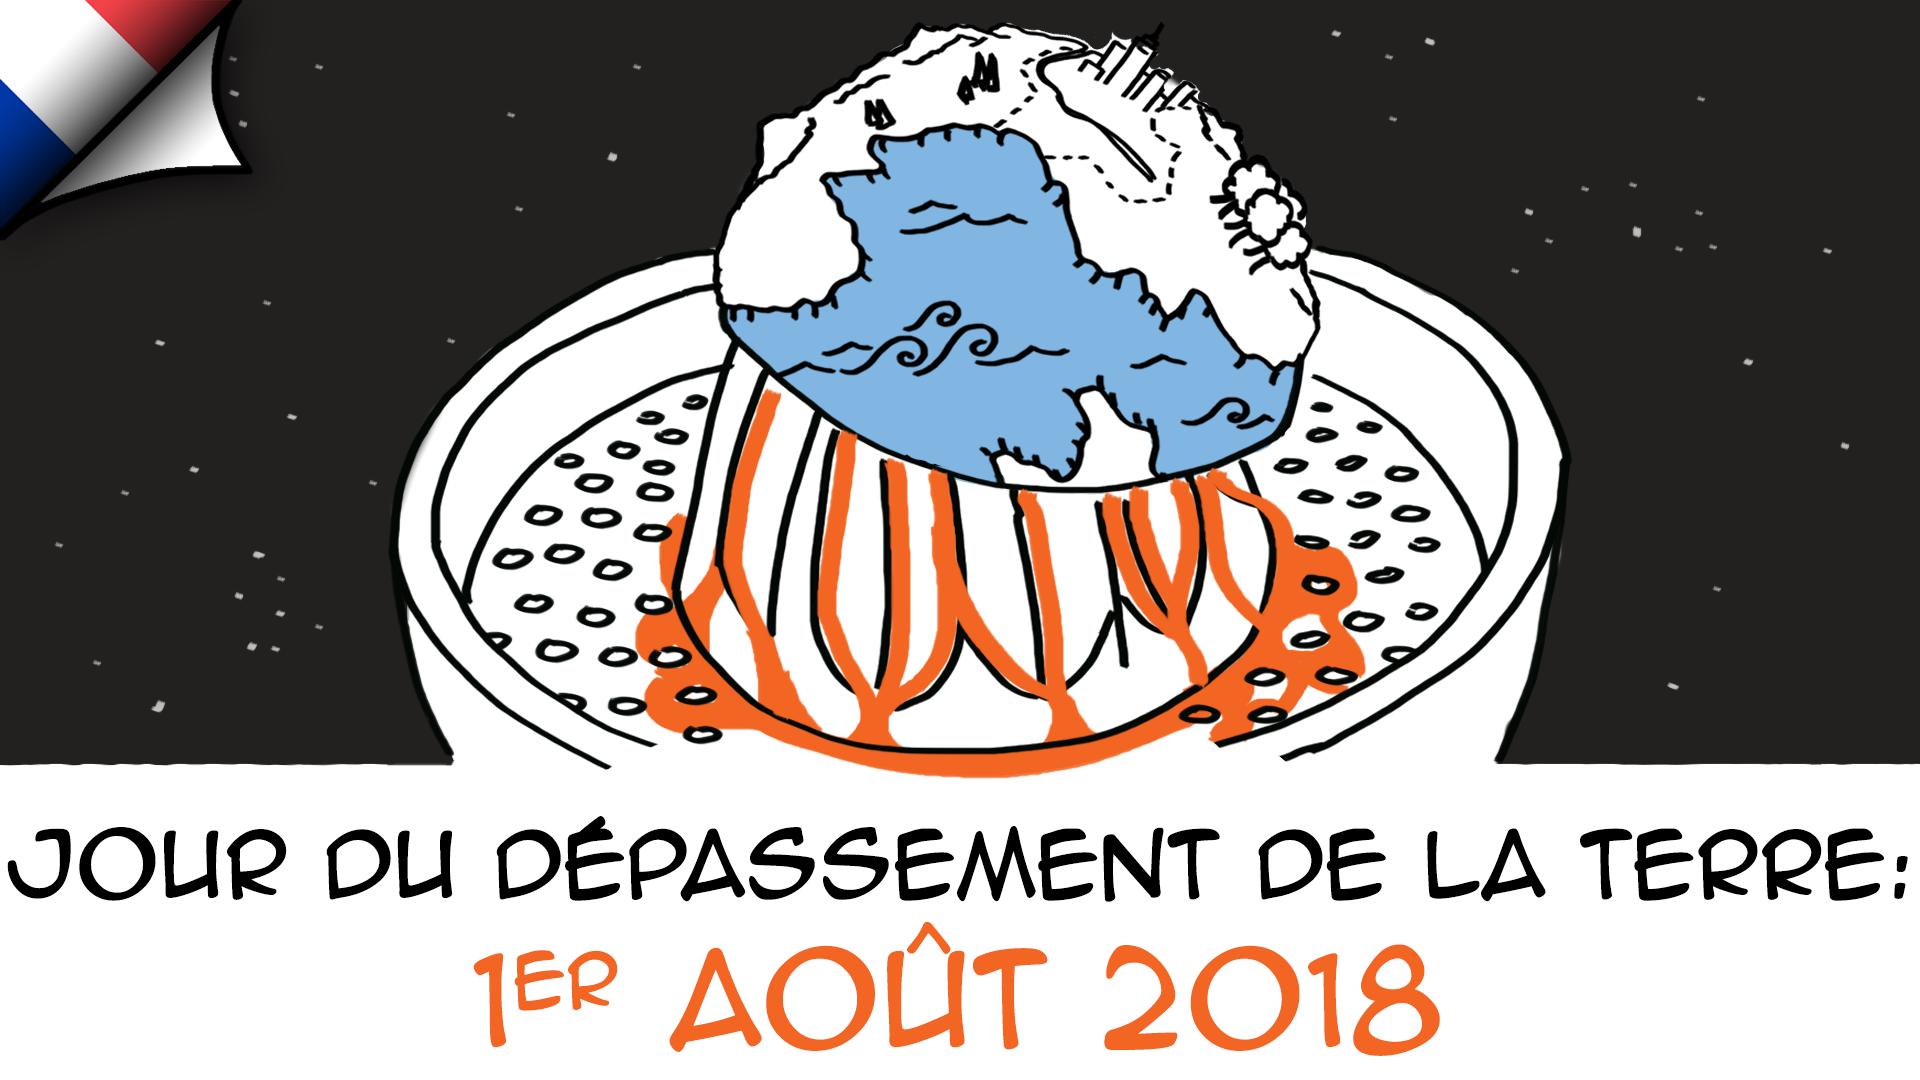 Jour du dépassement de la Terre 2018 : 1er août